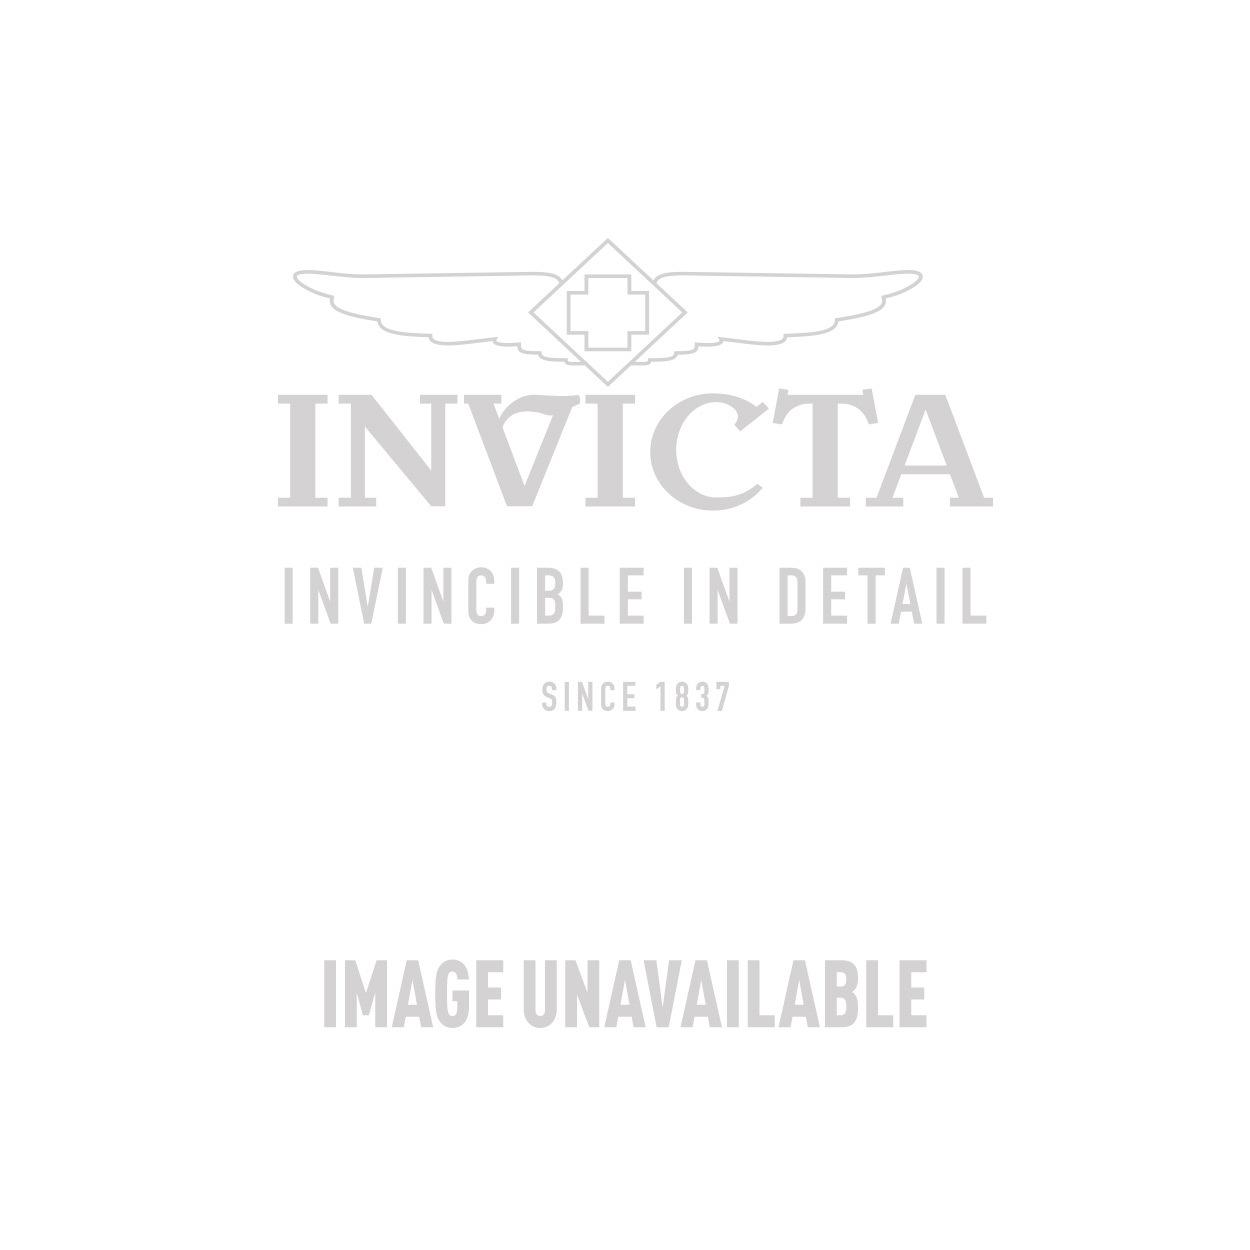 Invicta Model 25256